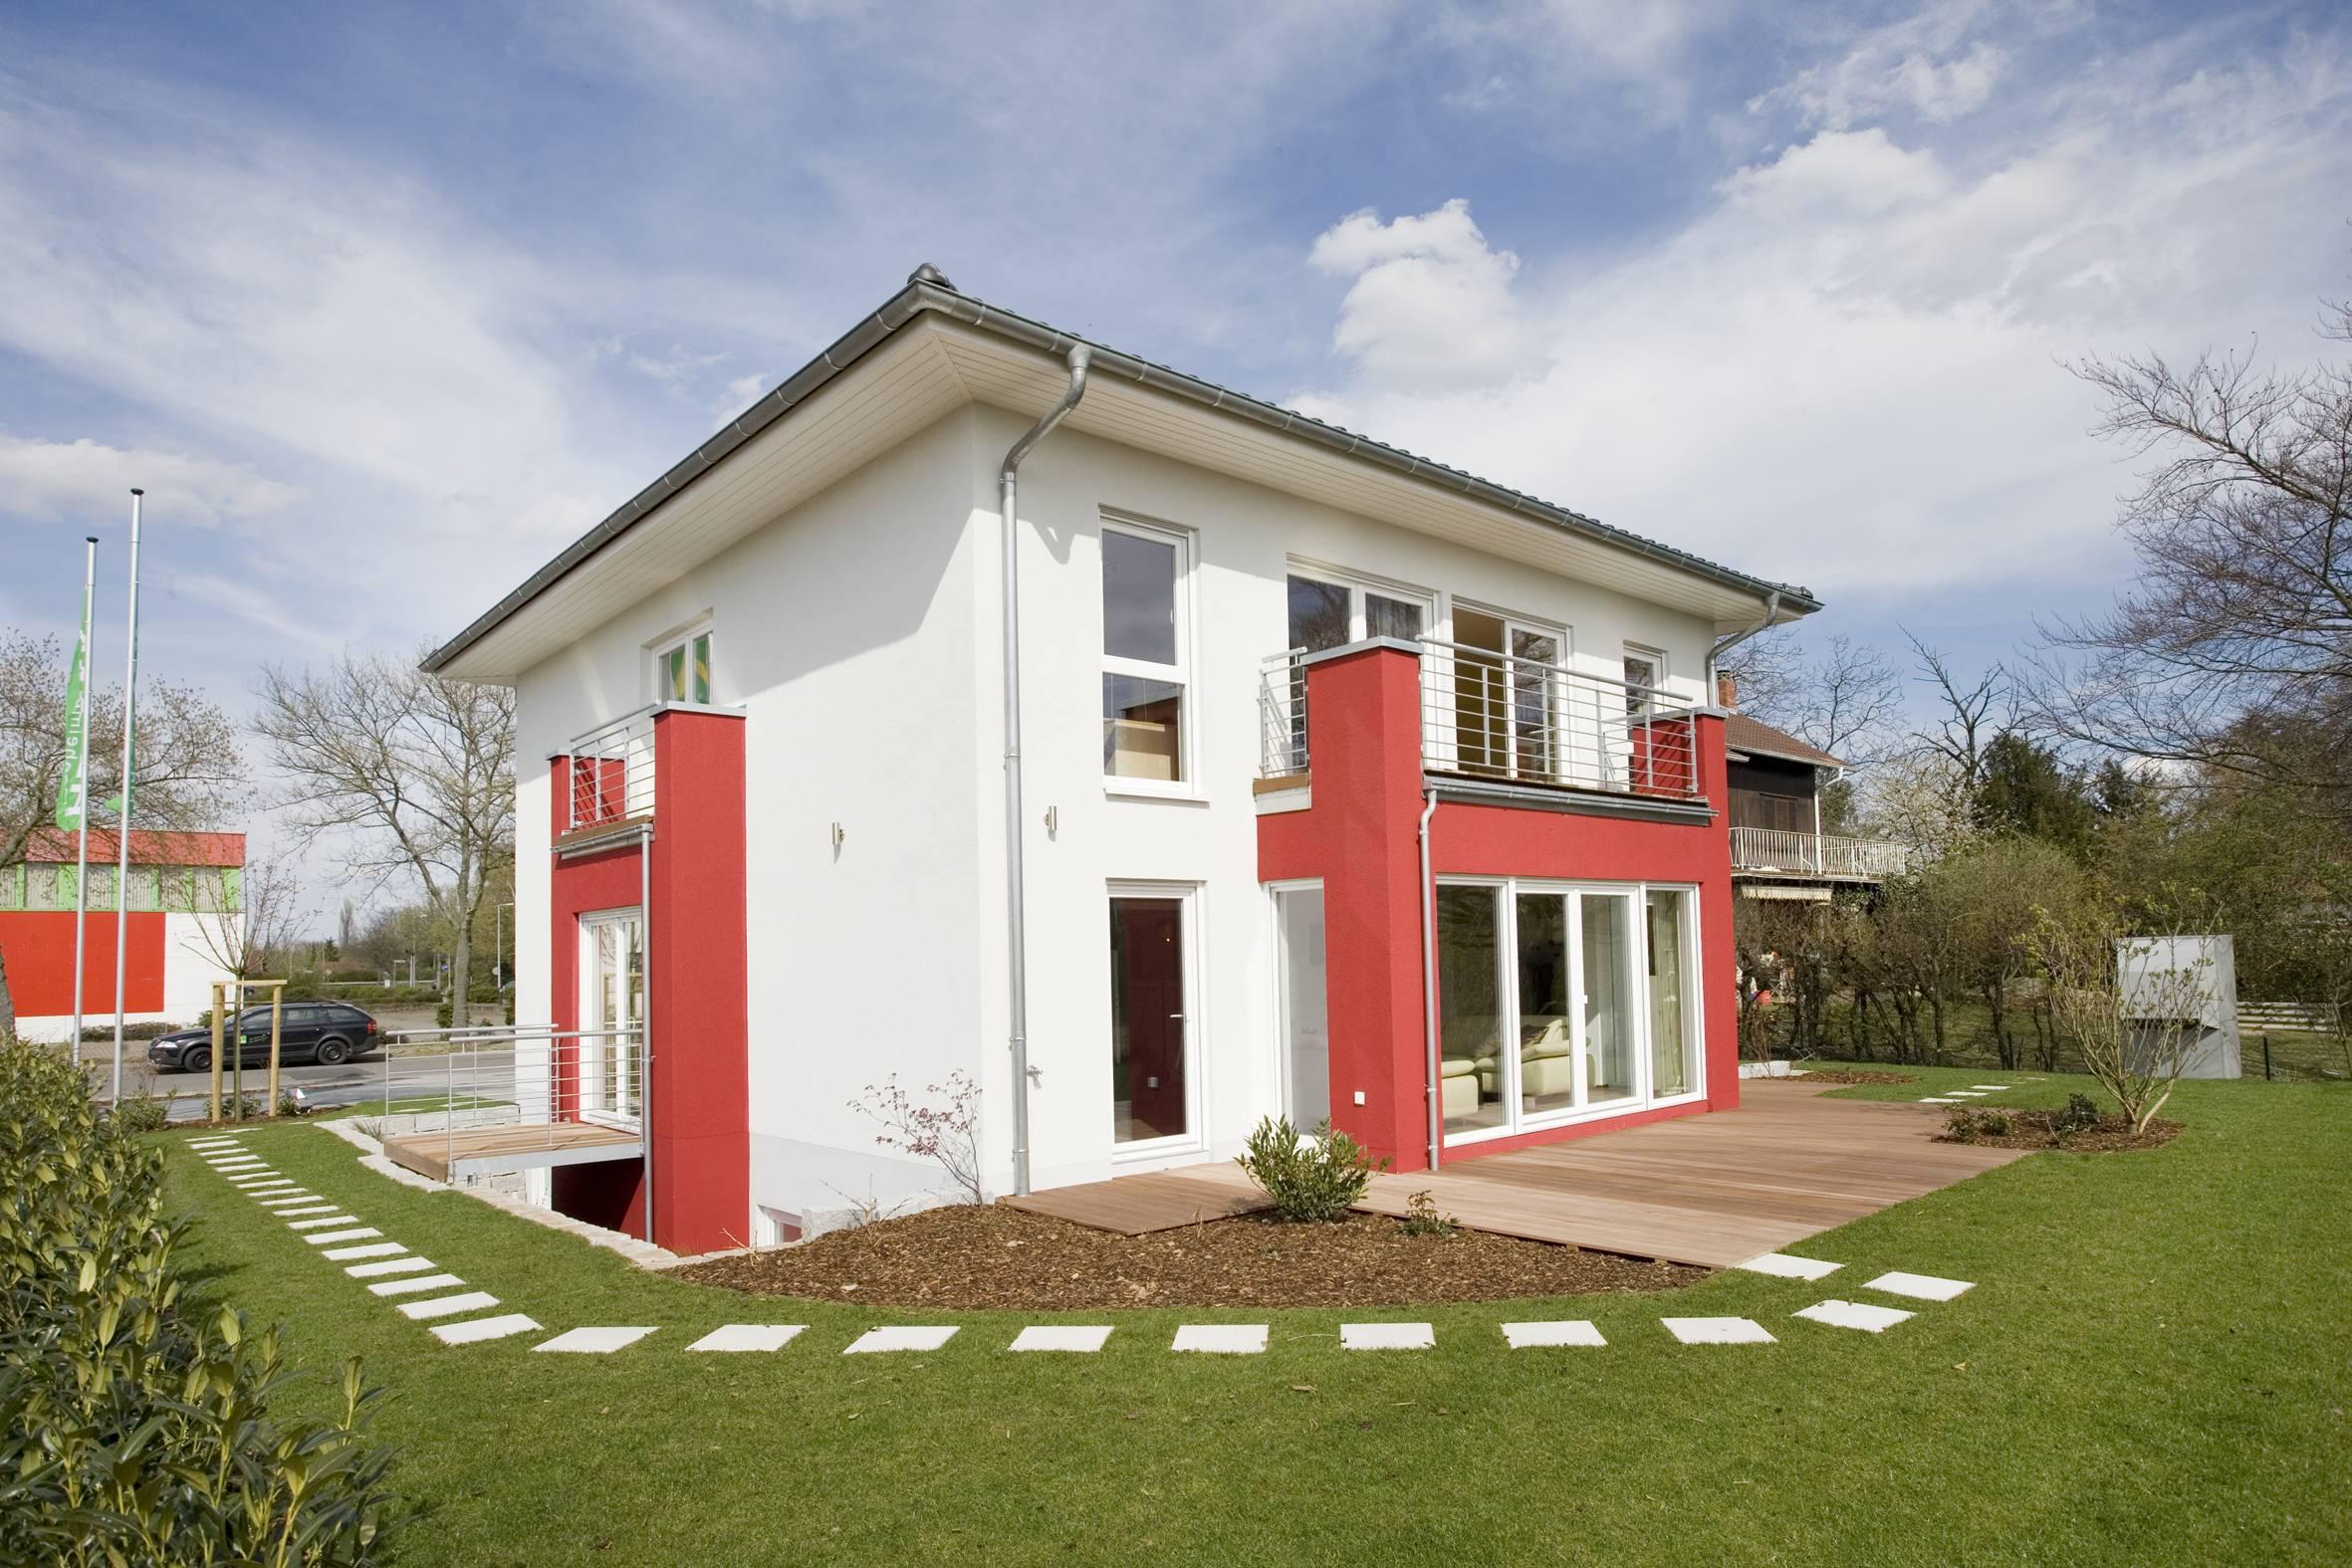 Schlüsselfertige Massivhäuser über 300.000€ - Häuser  Preise ... size: 2362 x 1575 post ID: 5 File size: 0 B